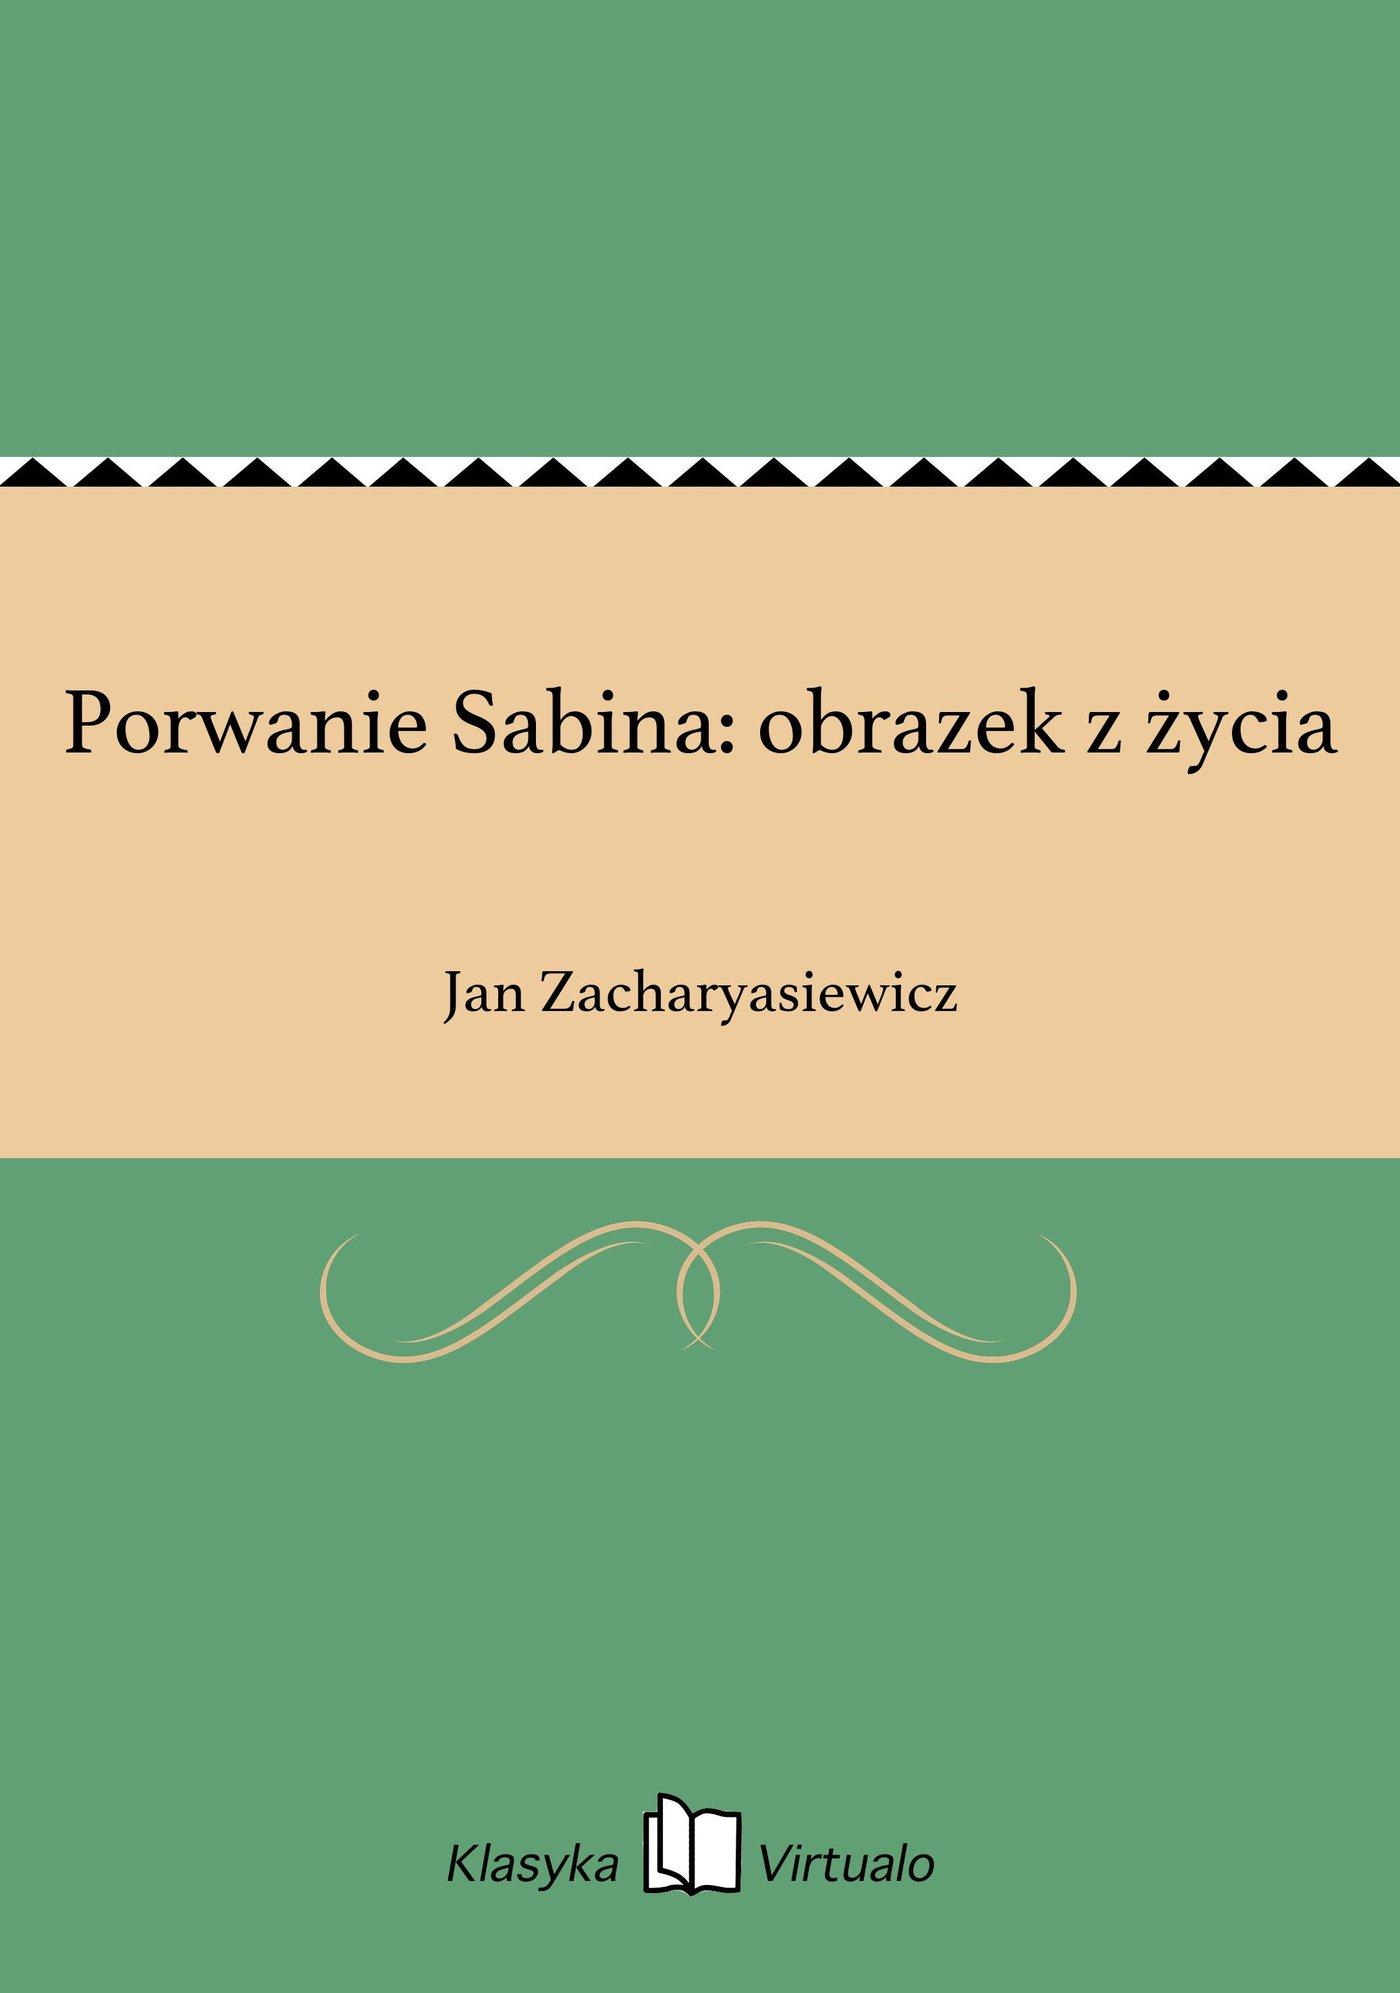 Porwanie Sabina: obrazek z życia - Ebook (Książka EPUB) do pobrania w formacie EPUB